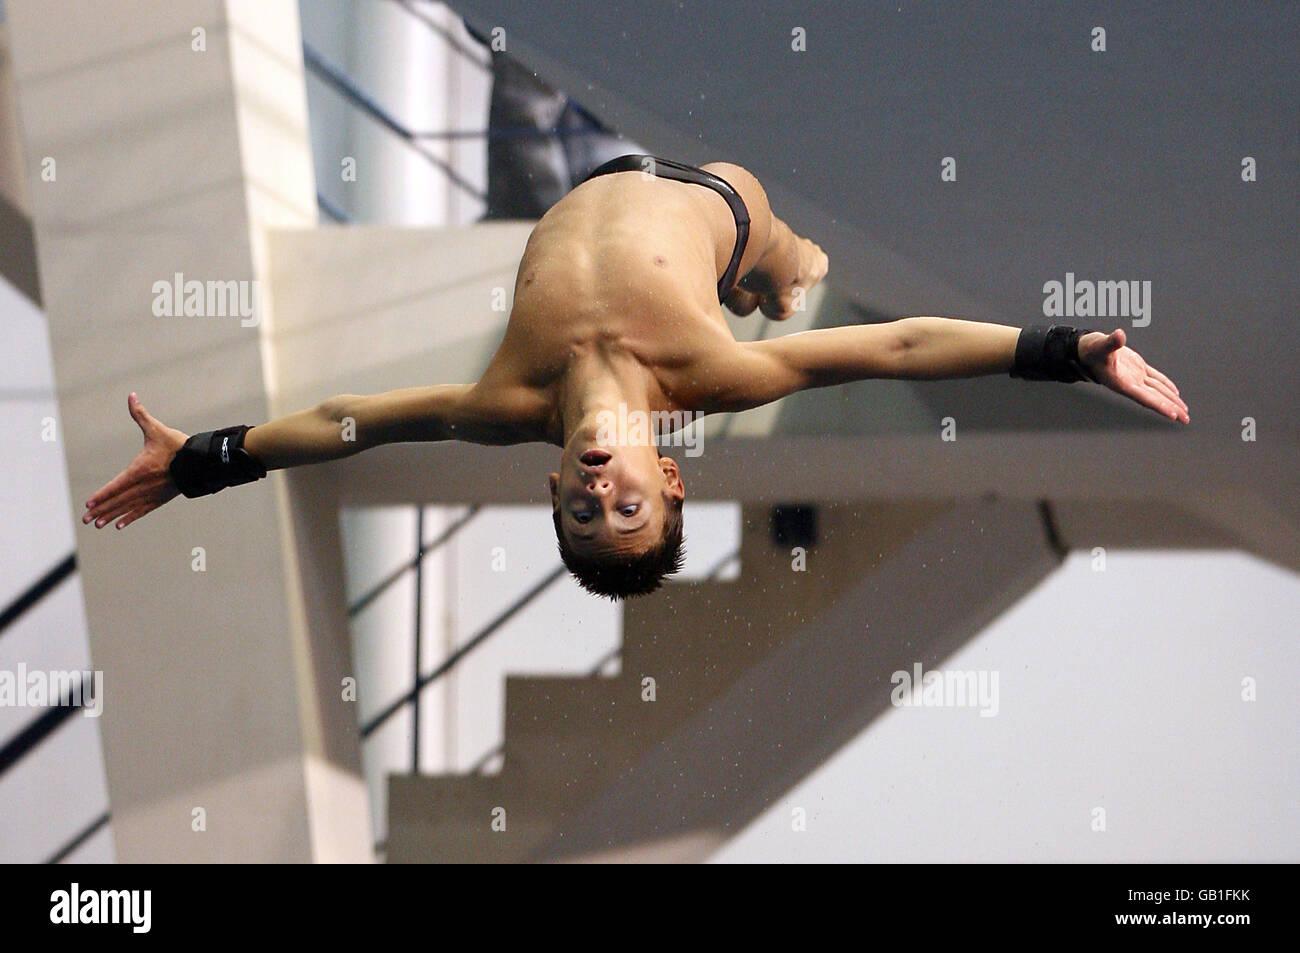 Großbritannien Tom Daley während eines olympischen Diving Media Day in Pond's Forge, Sheffield. Stockfoto